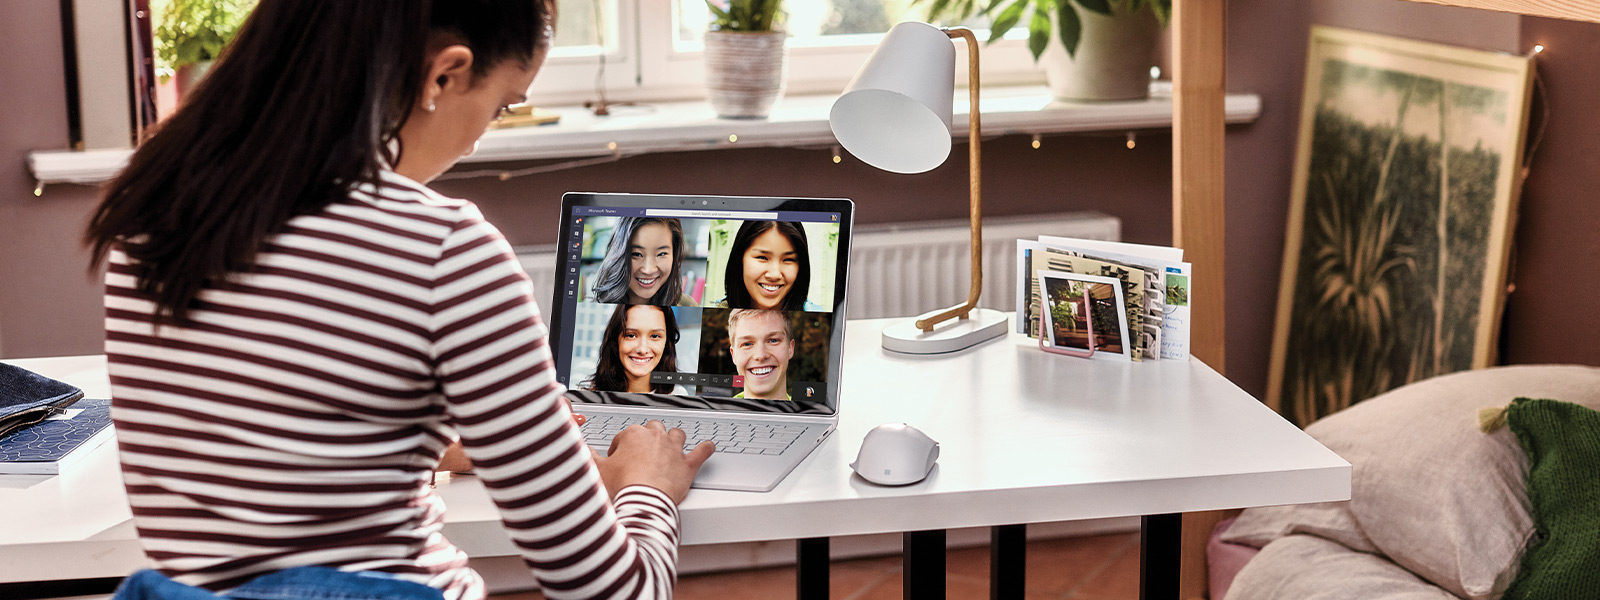 Các phần mềm dạy học online phổ biến, dễ sử dụng và cài đặt nhất hiện nay - Ảnh 4.